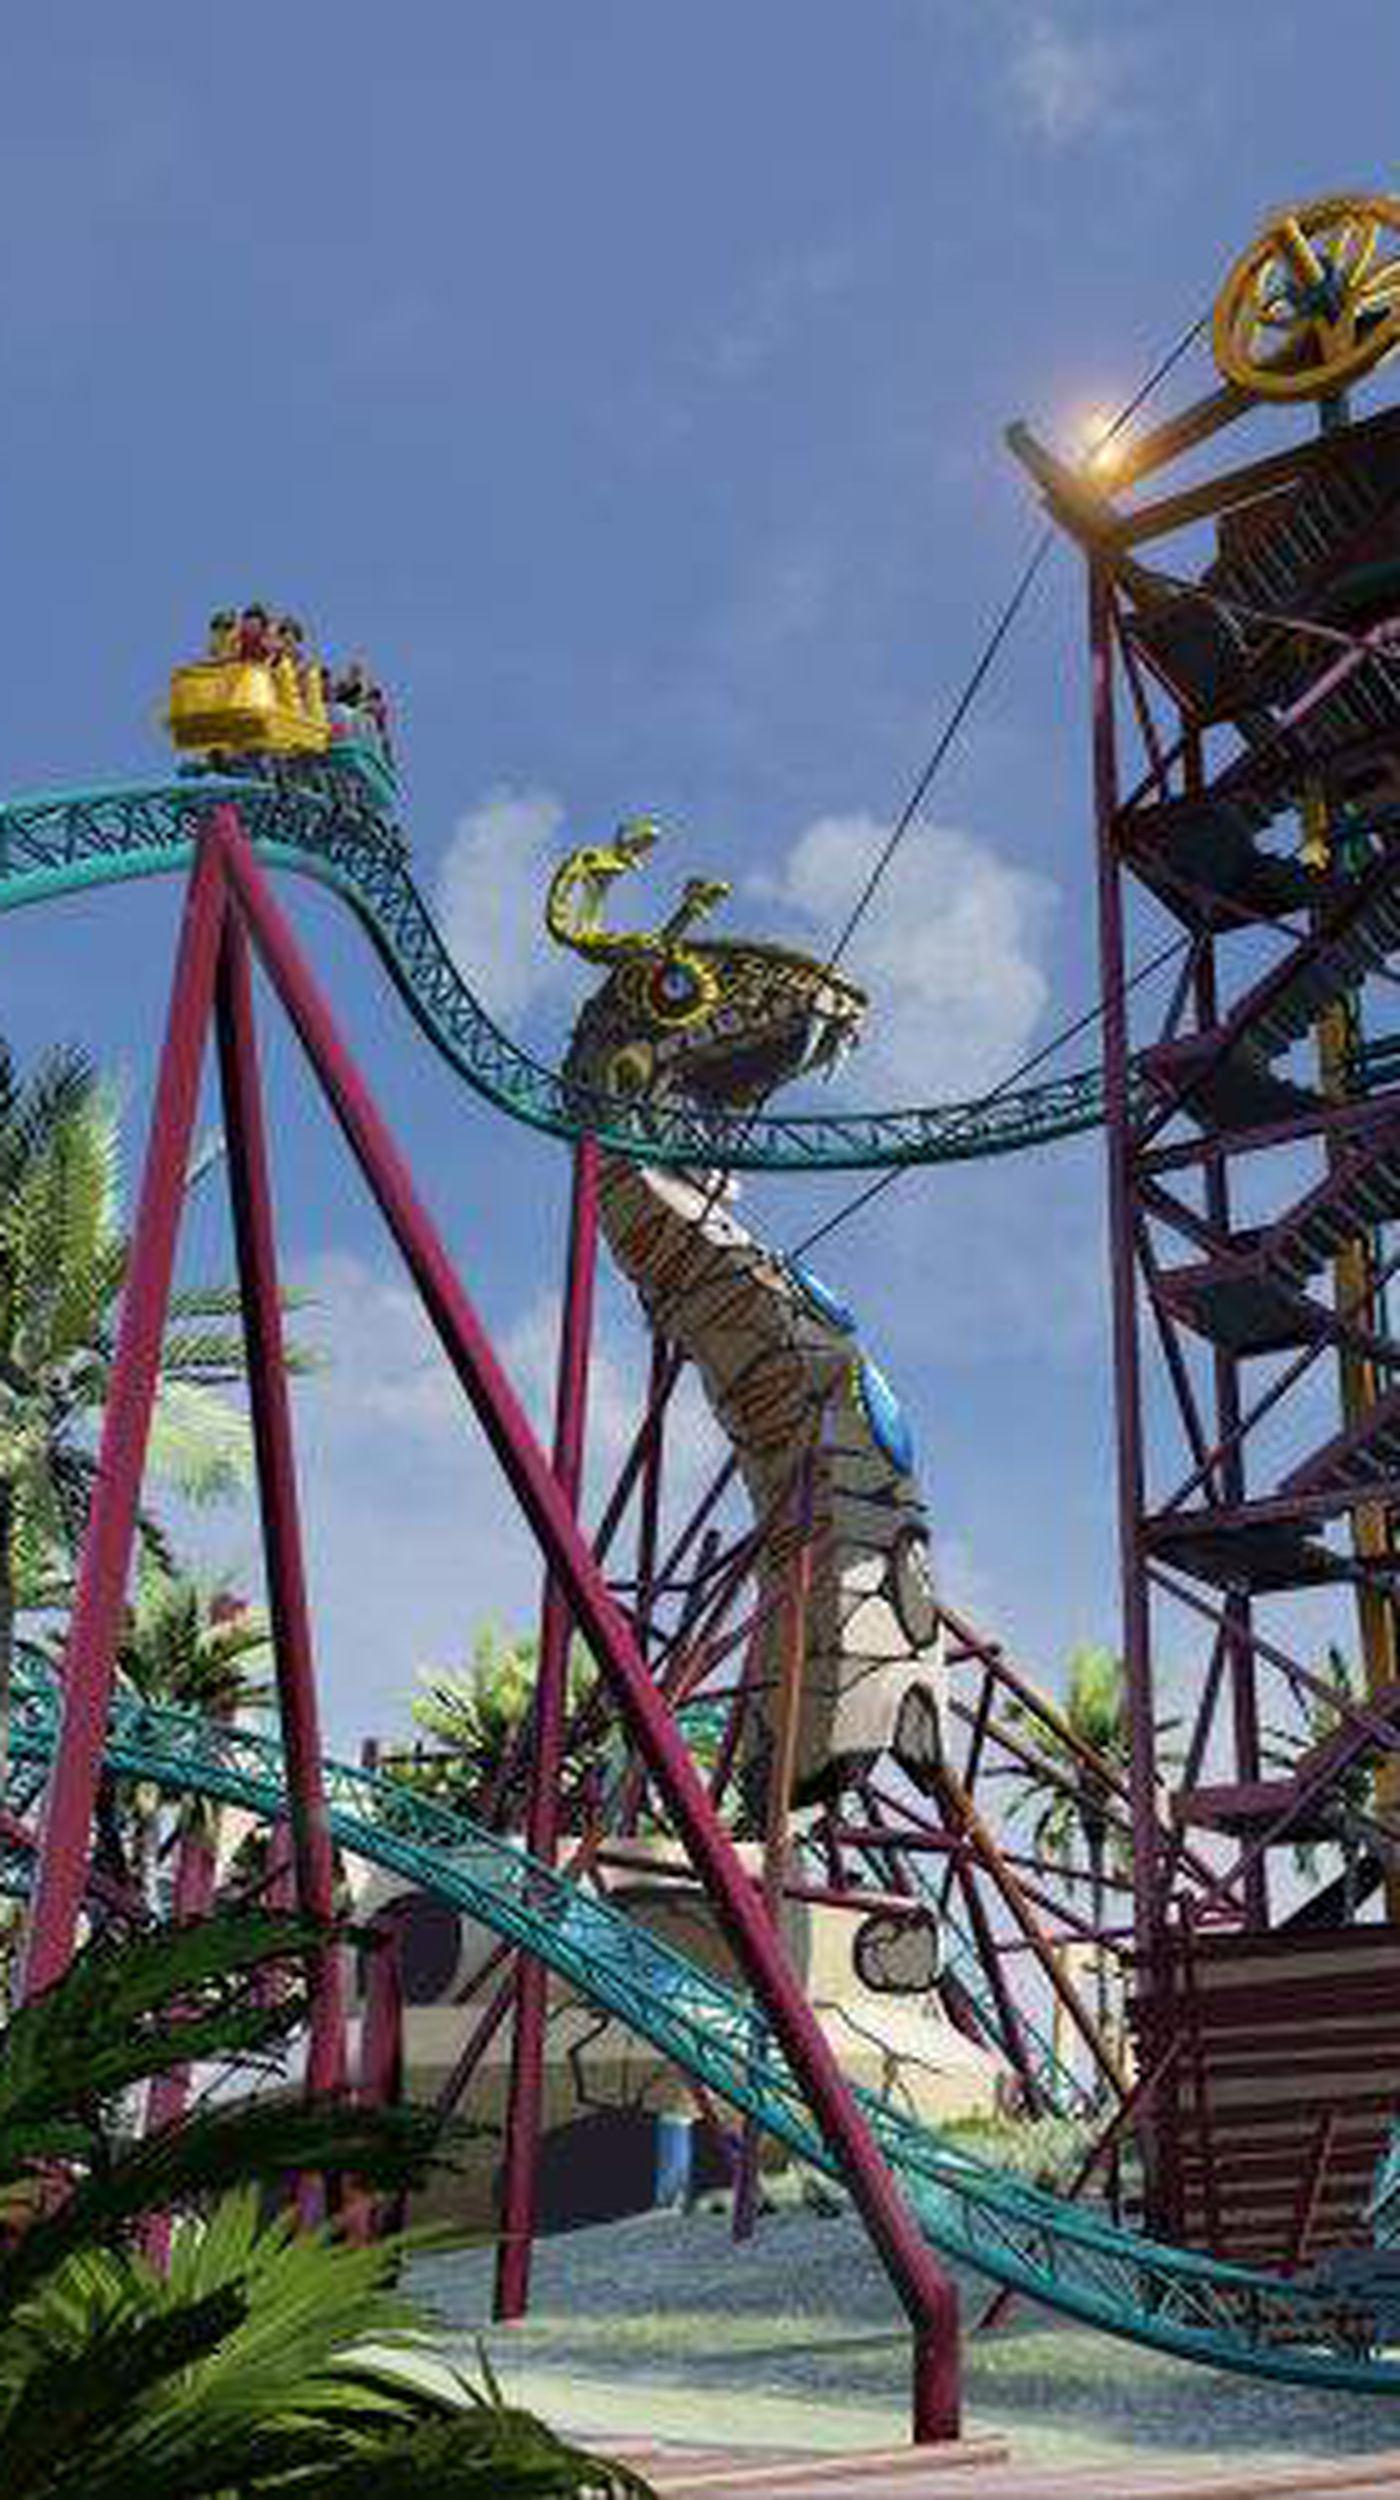 LT4ZEWGG6MI6TBKNIBWI6S7HAY - Busch Gardens Tampa New Ride 2014